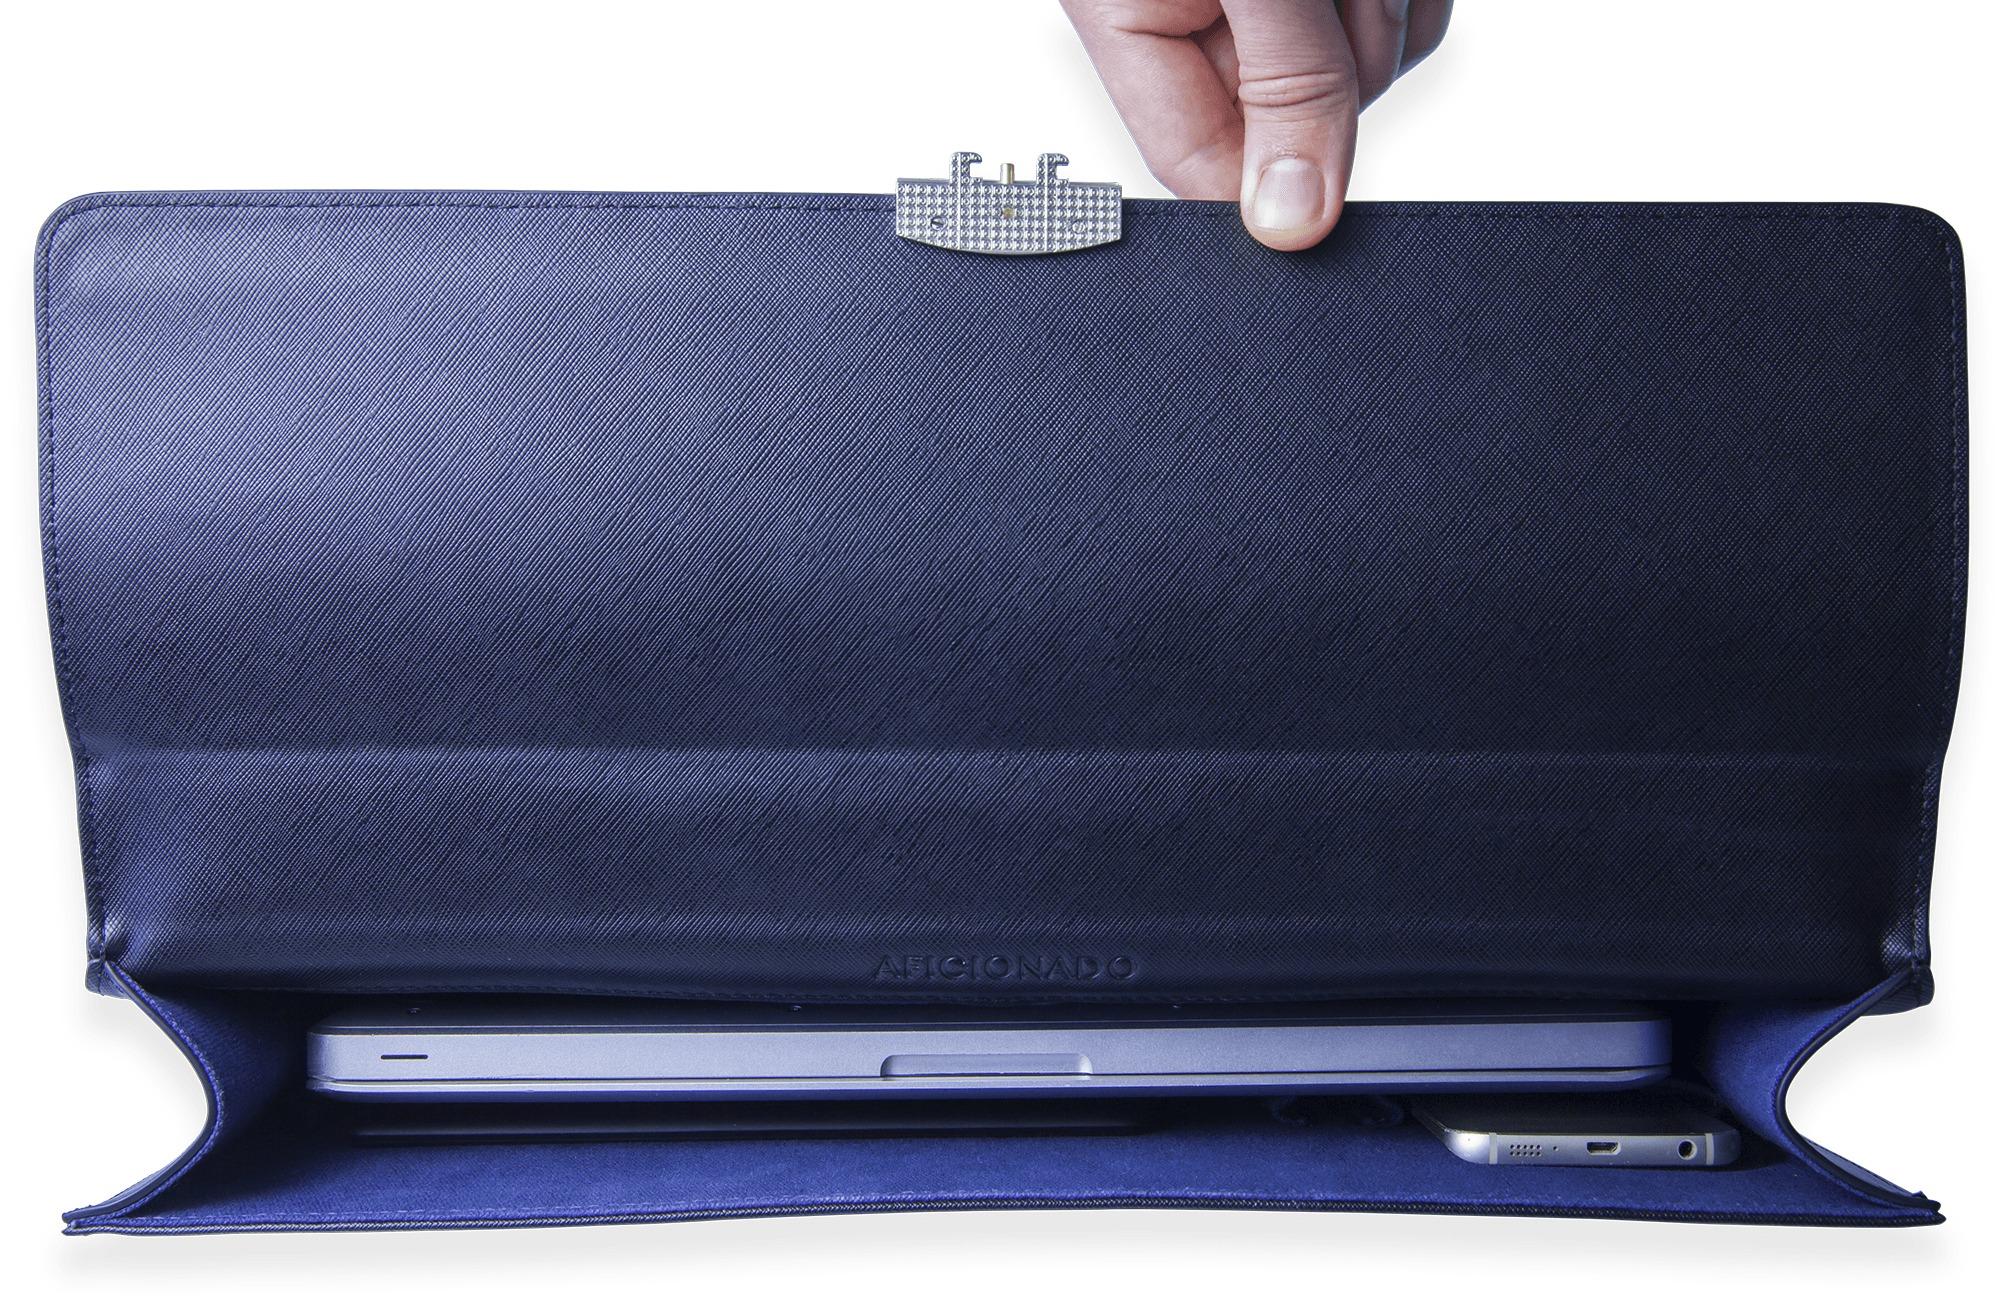 aficionado briefcase interior